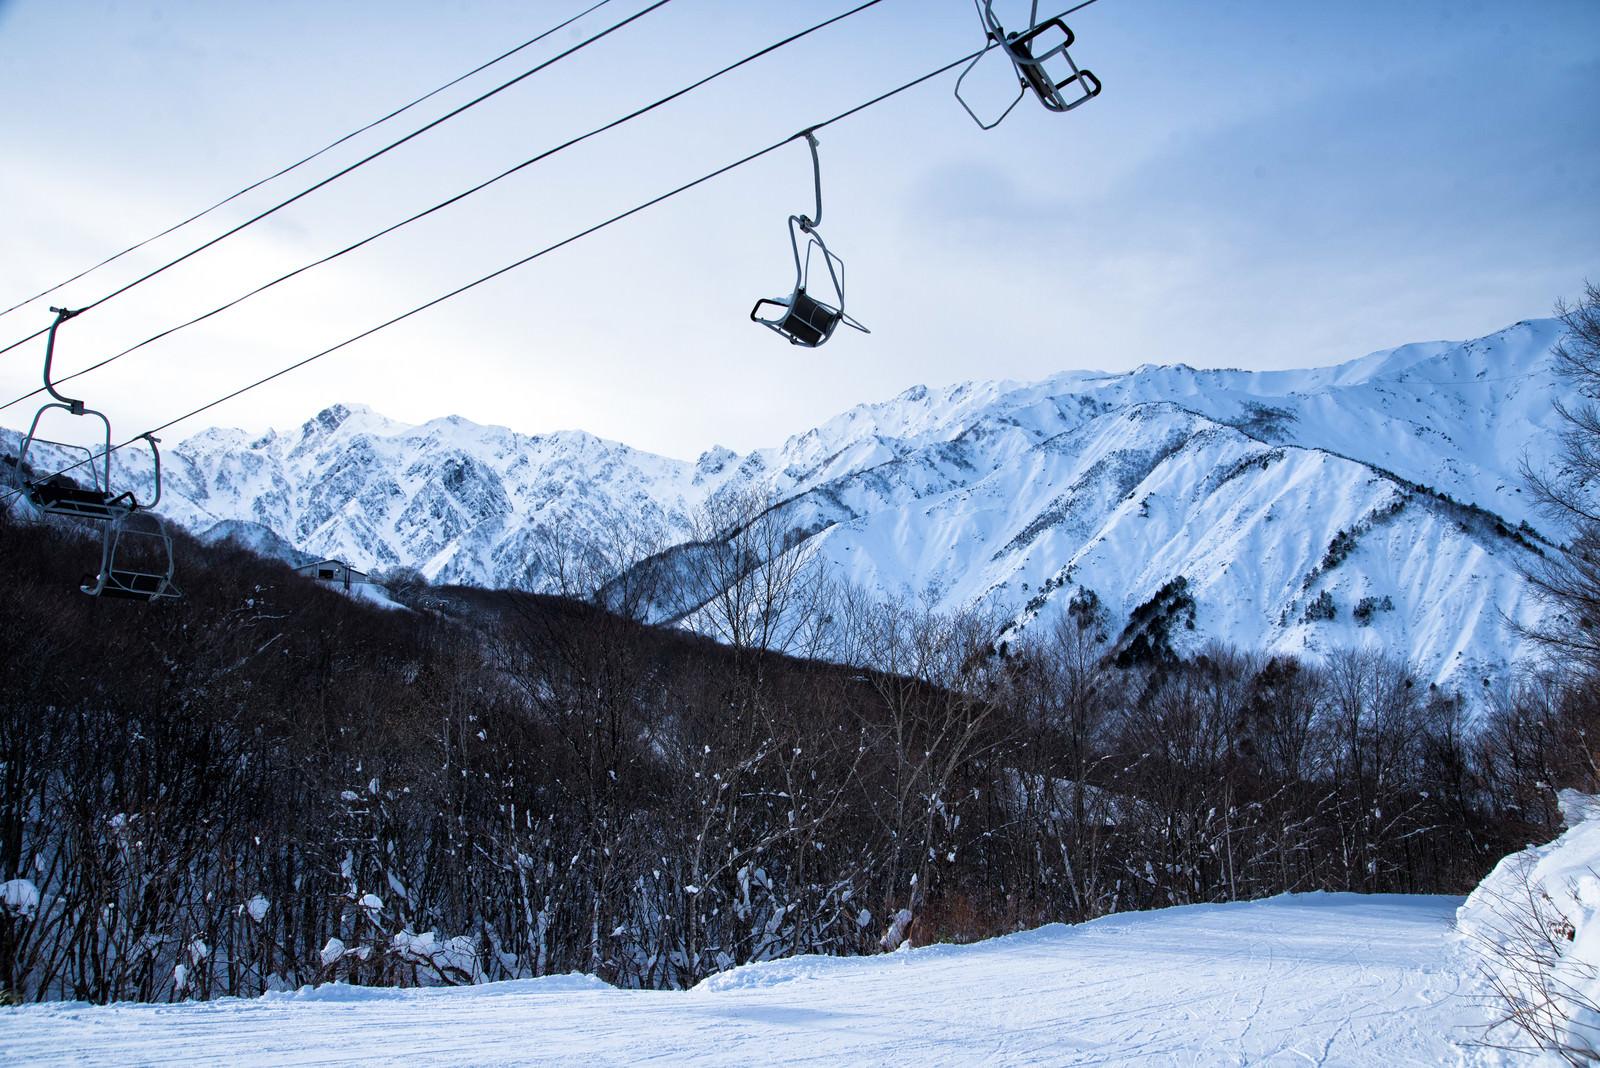 「五竜岳とリフト」の写真